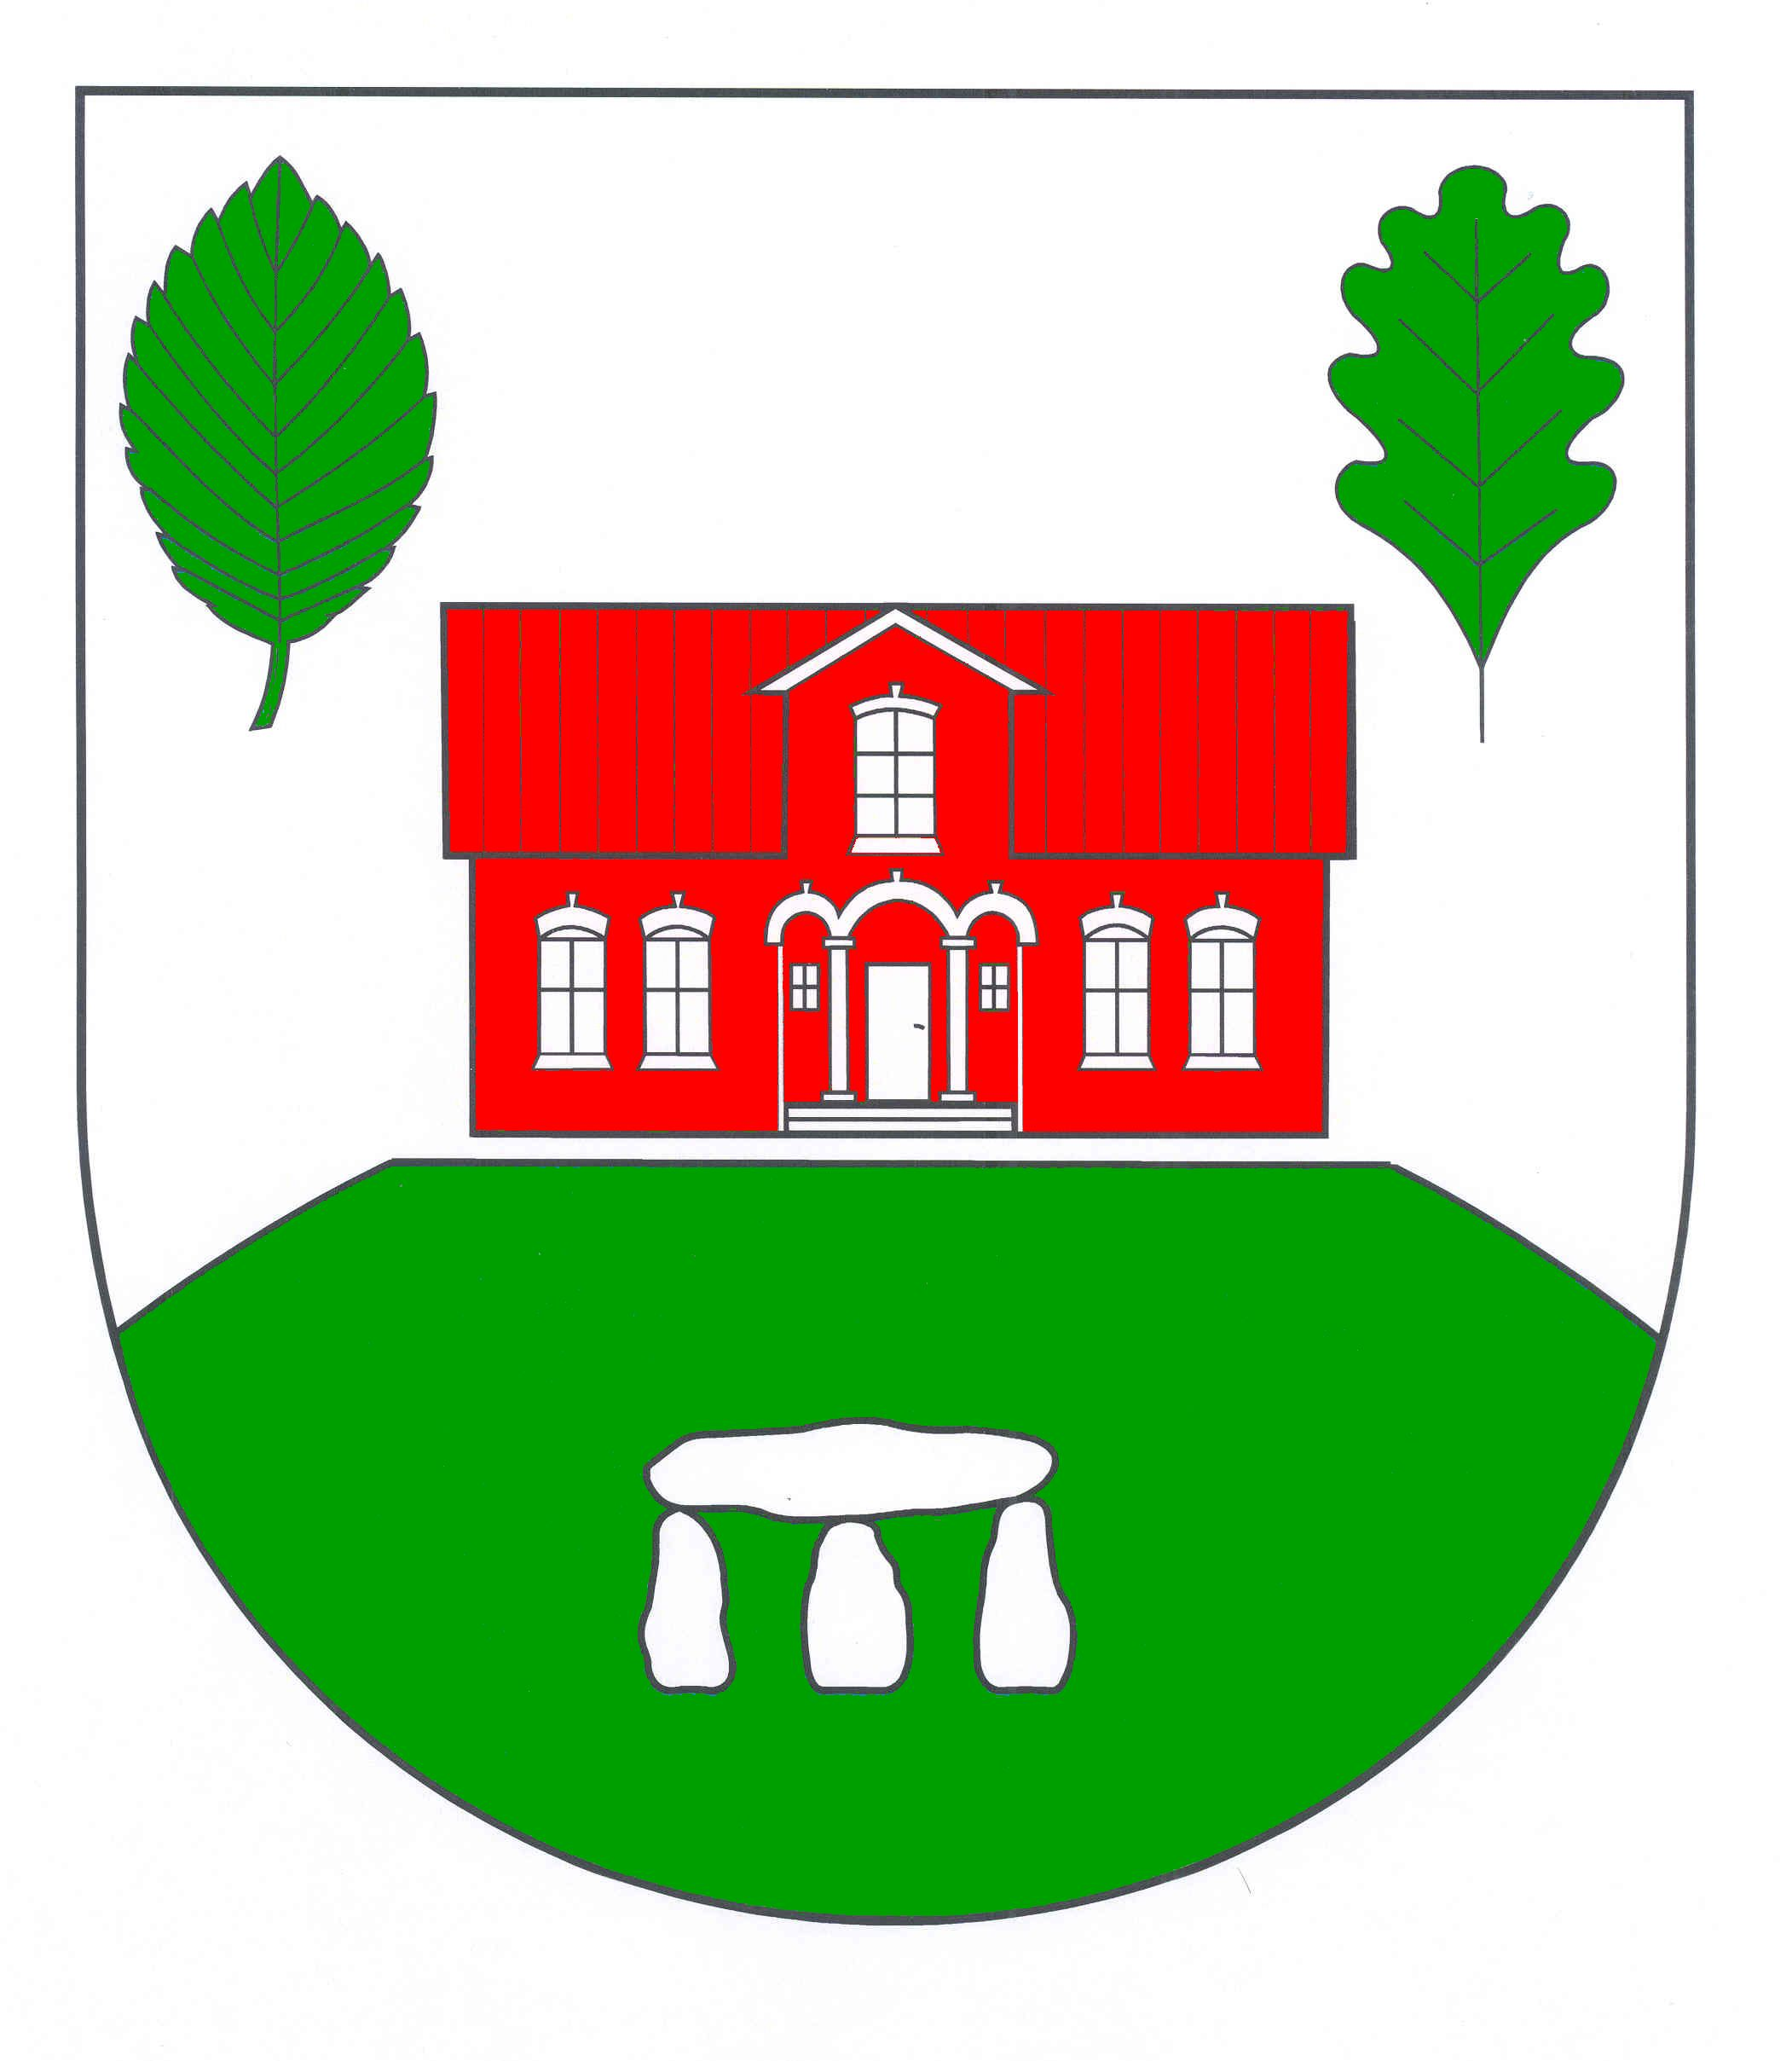 Wappen GemeindeBargstedt, Kreis Rendsburg-Eckernförde